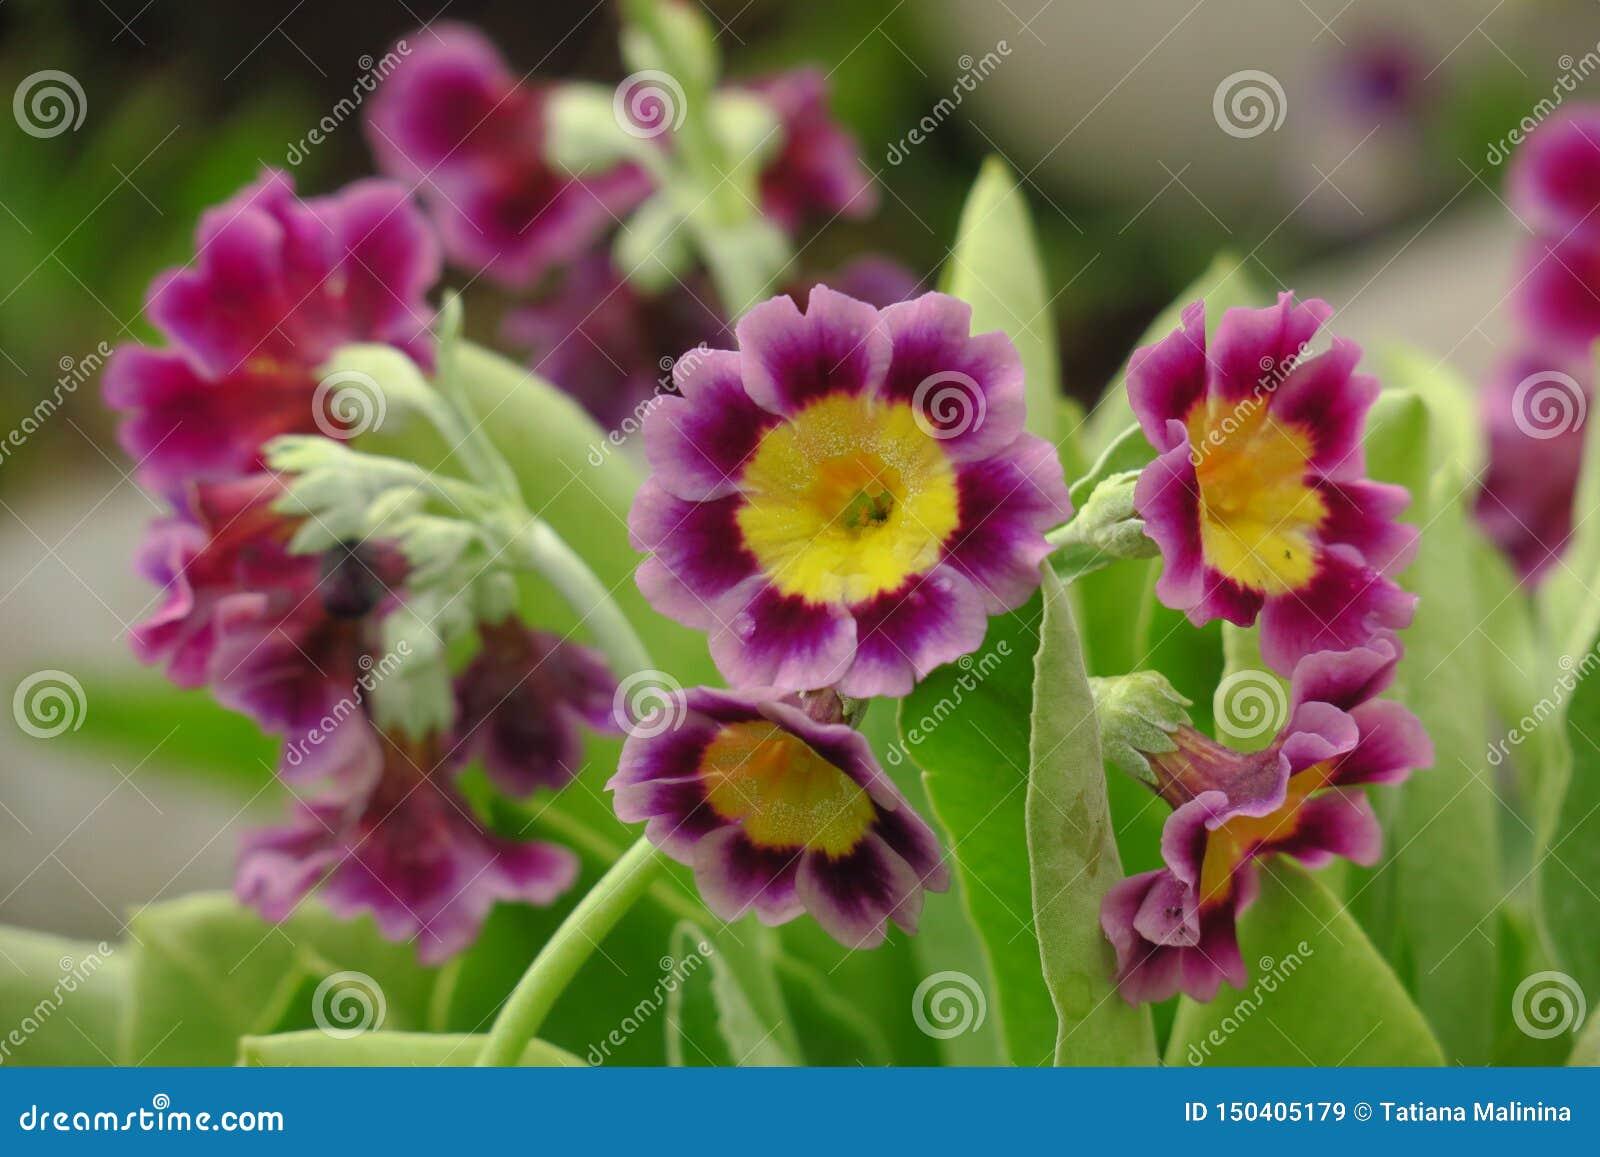 Flor p?rpura vulgaris de la primavera de la pr?mula de la planta de la onagra del manojo primera